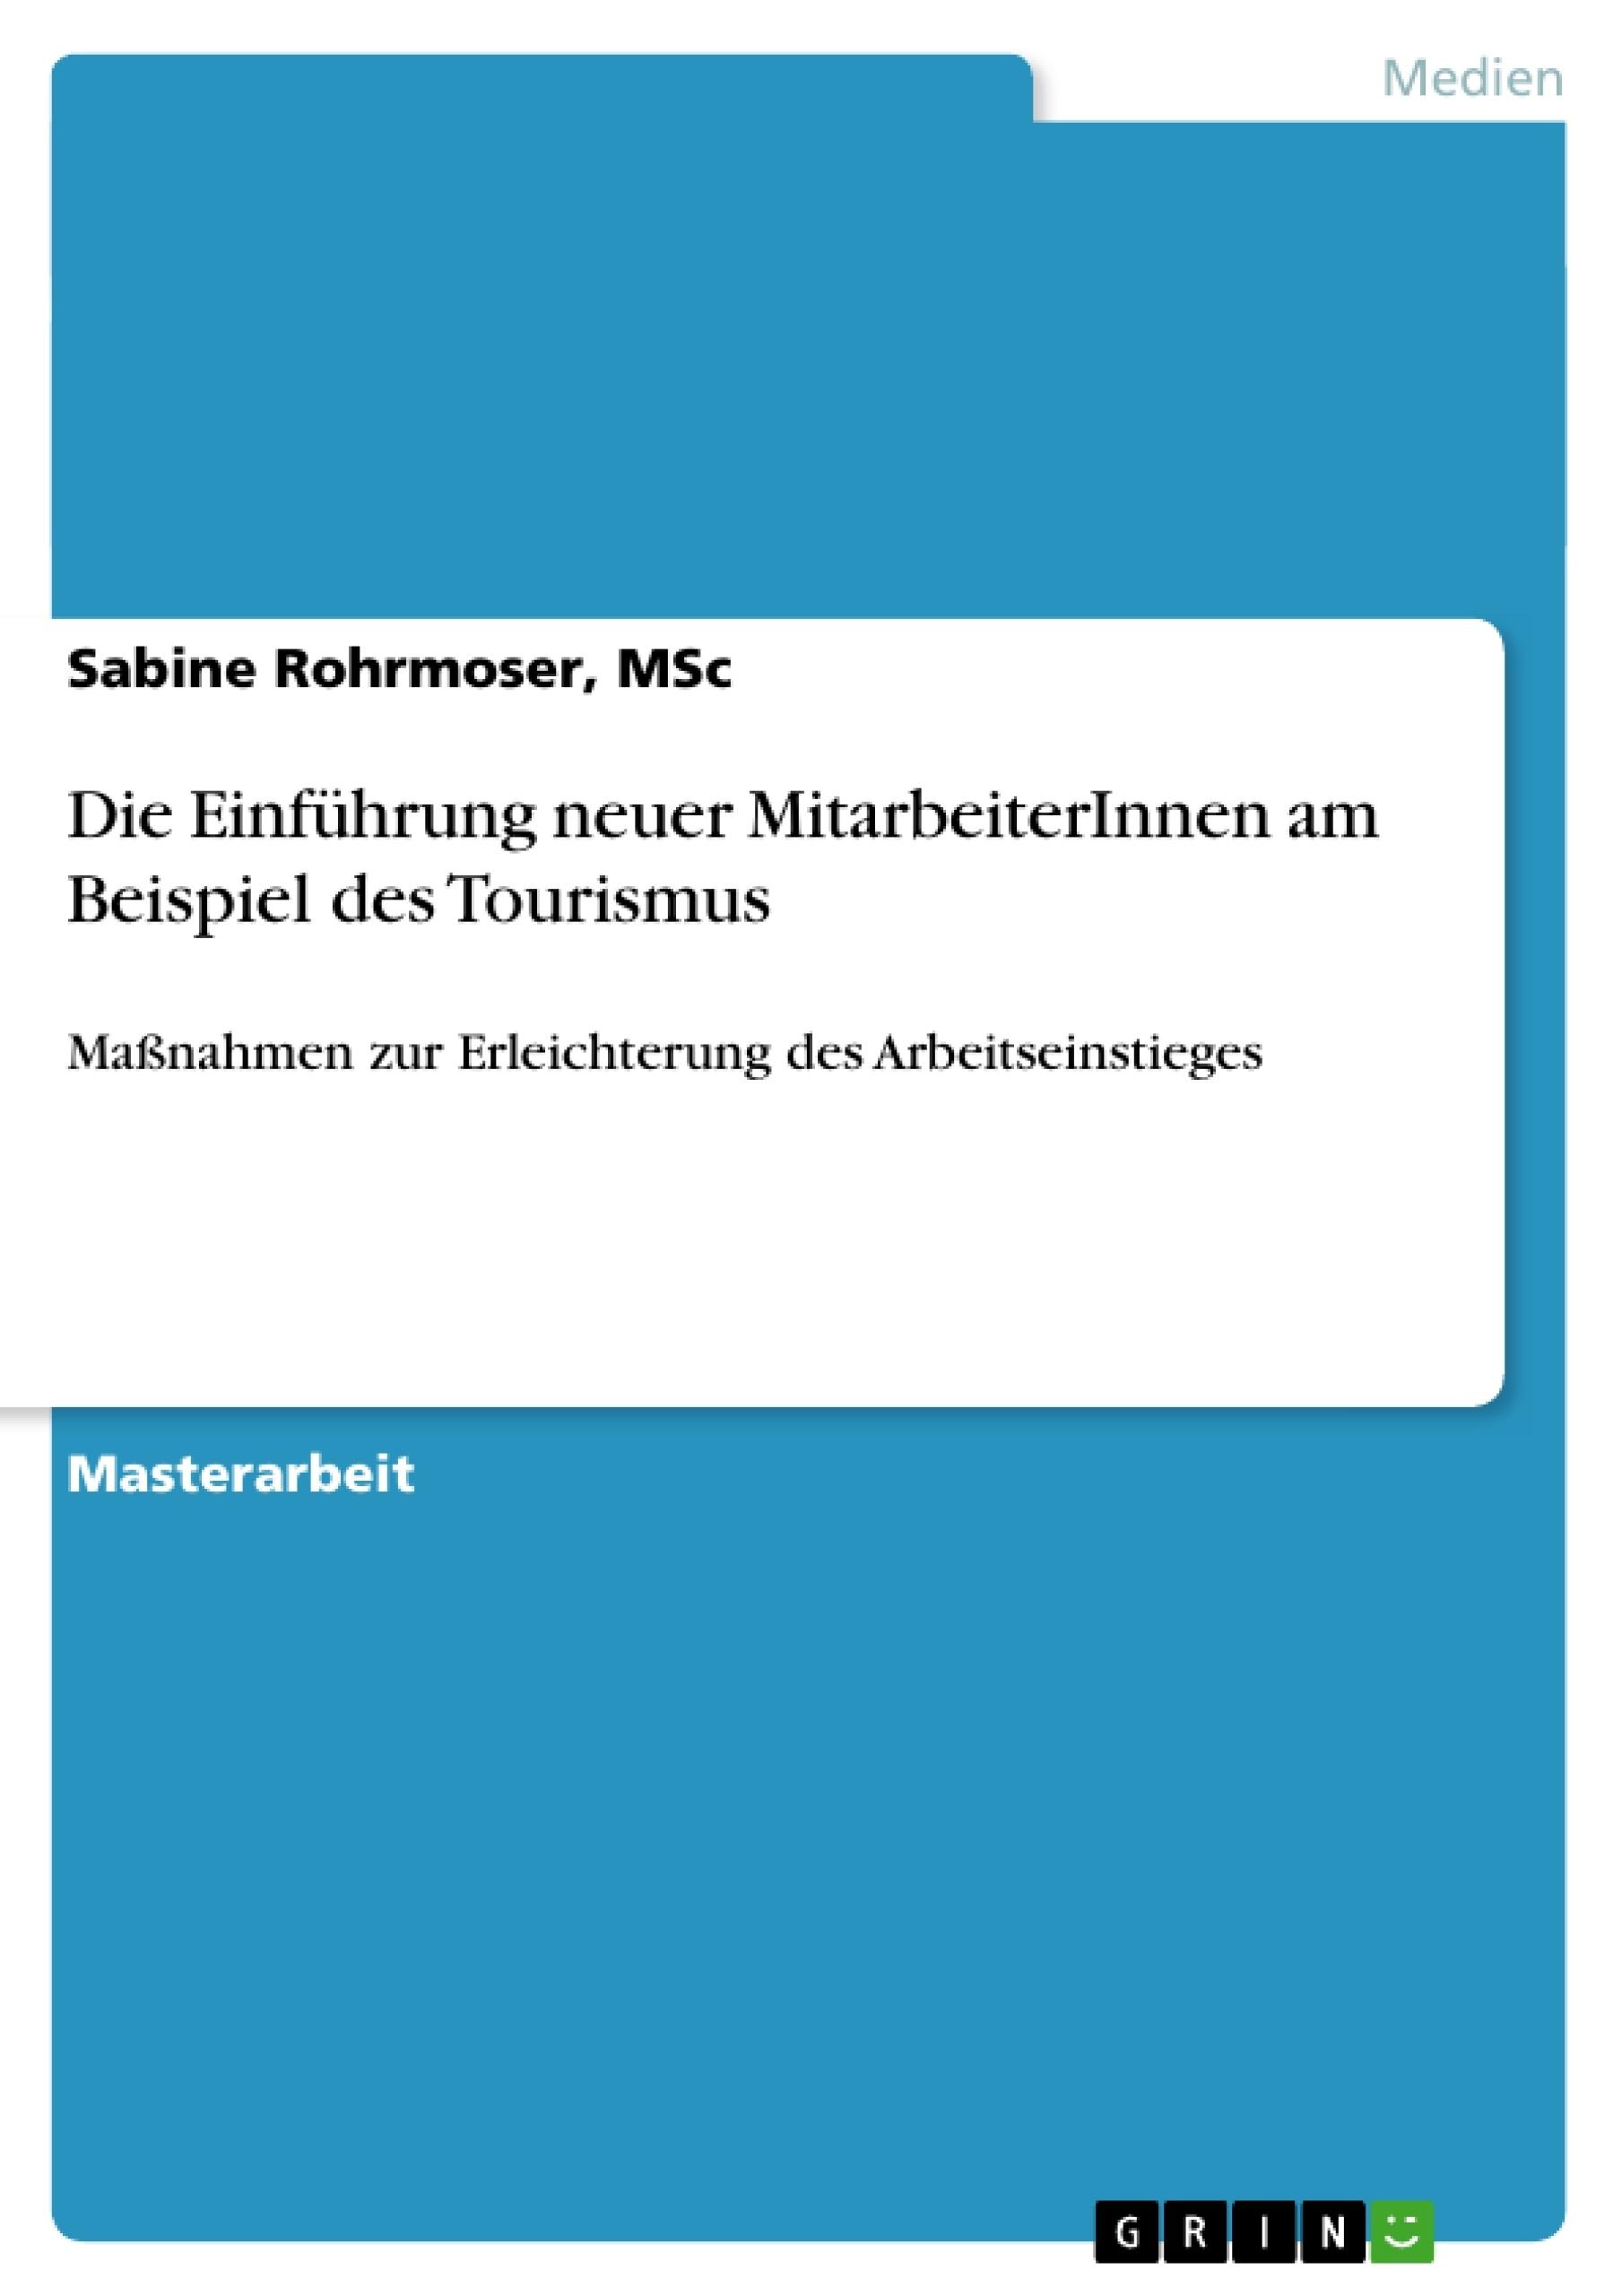 Titel: Die Einführung neuer MitarbeiterInnen am Beispiel des Tourismus